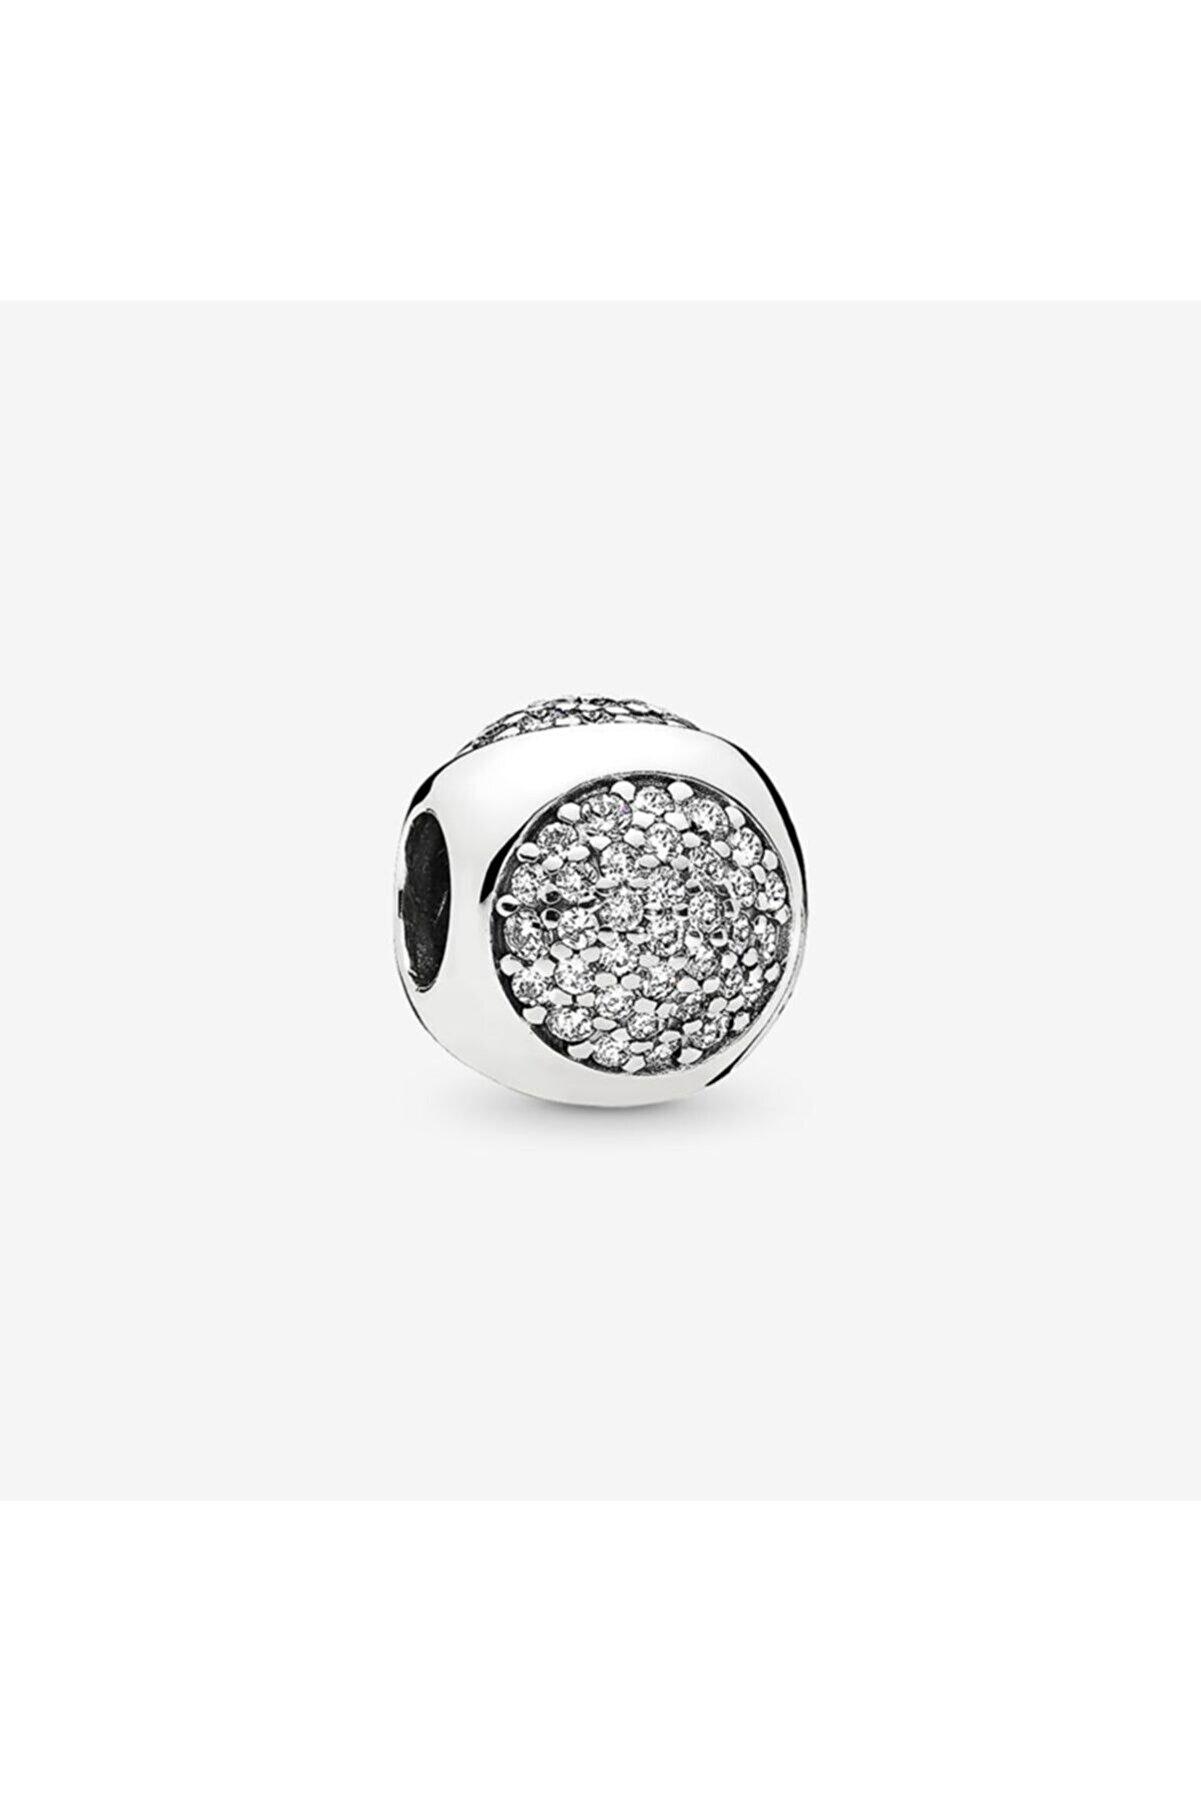 My Story Zirkon Taşlı Damlacık Pandora Bileklikleri İçin Gümüş Charm